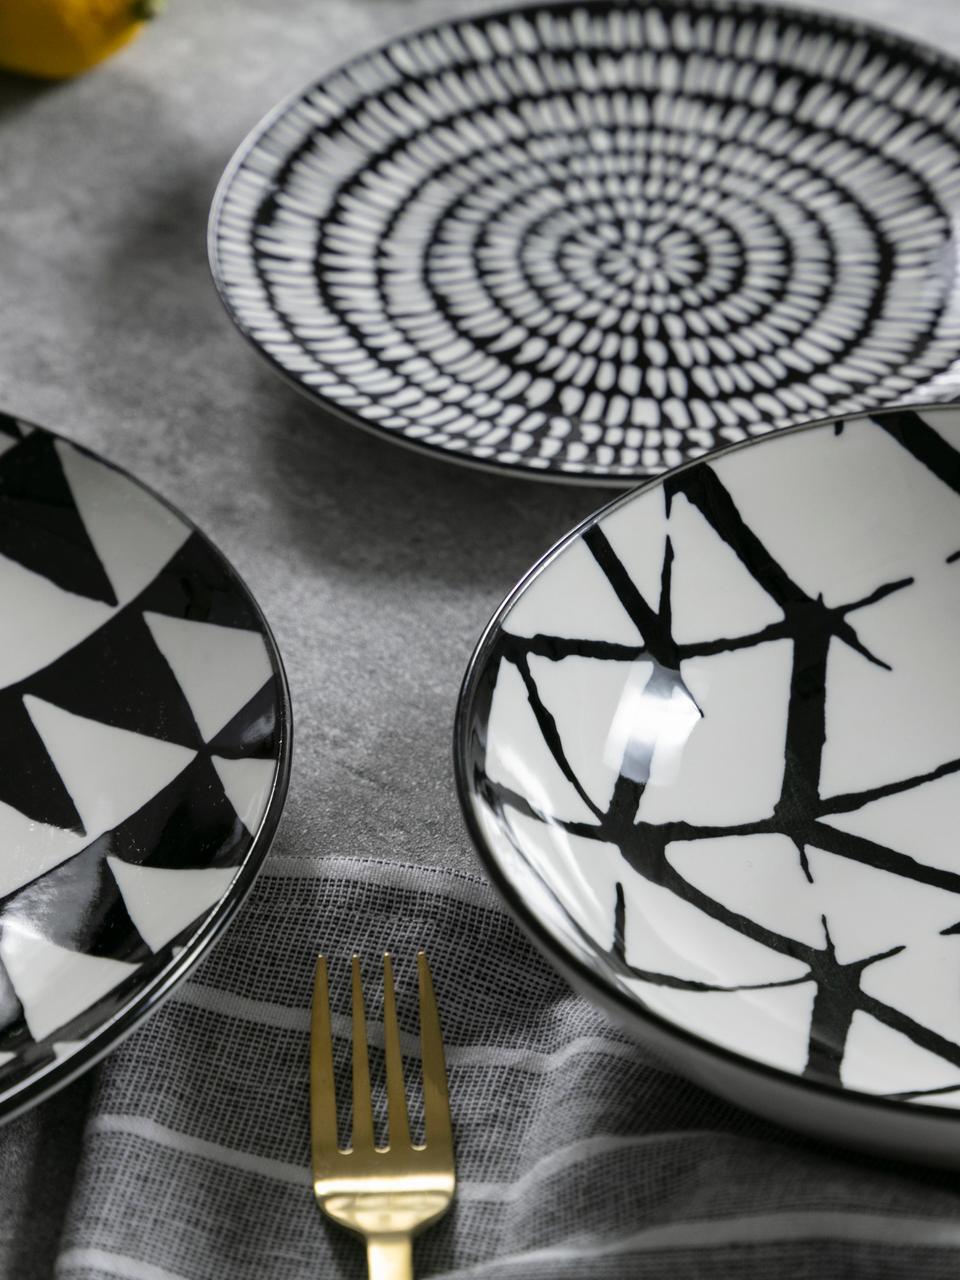 Gemustertes Geschirr-Set Mokala in Schwarz/Weiß, 6 Personen (18-tlg.), Porzellan, Schwarz, Weiß, Sondergrößen